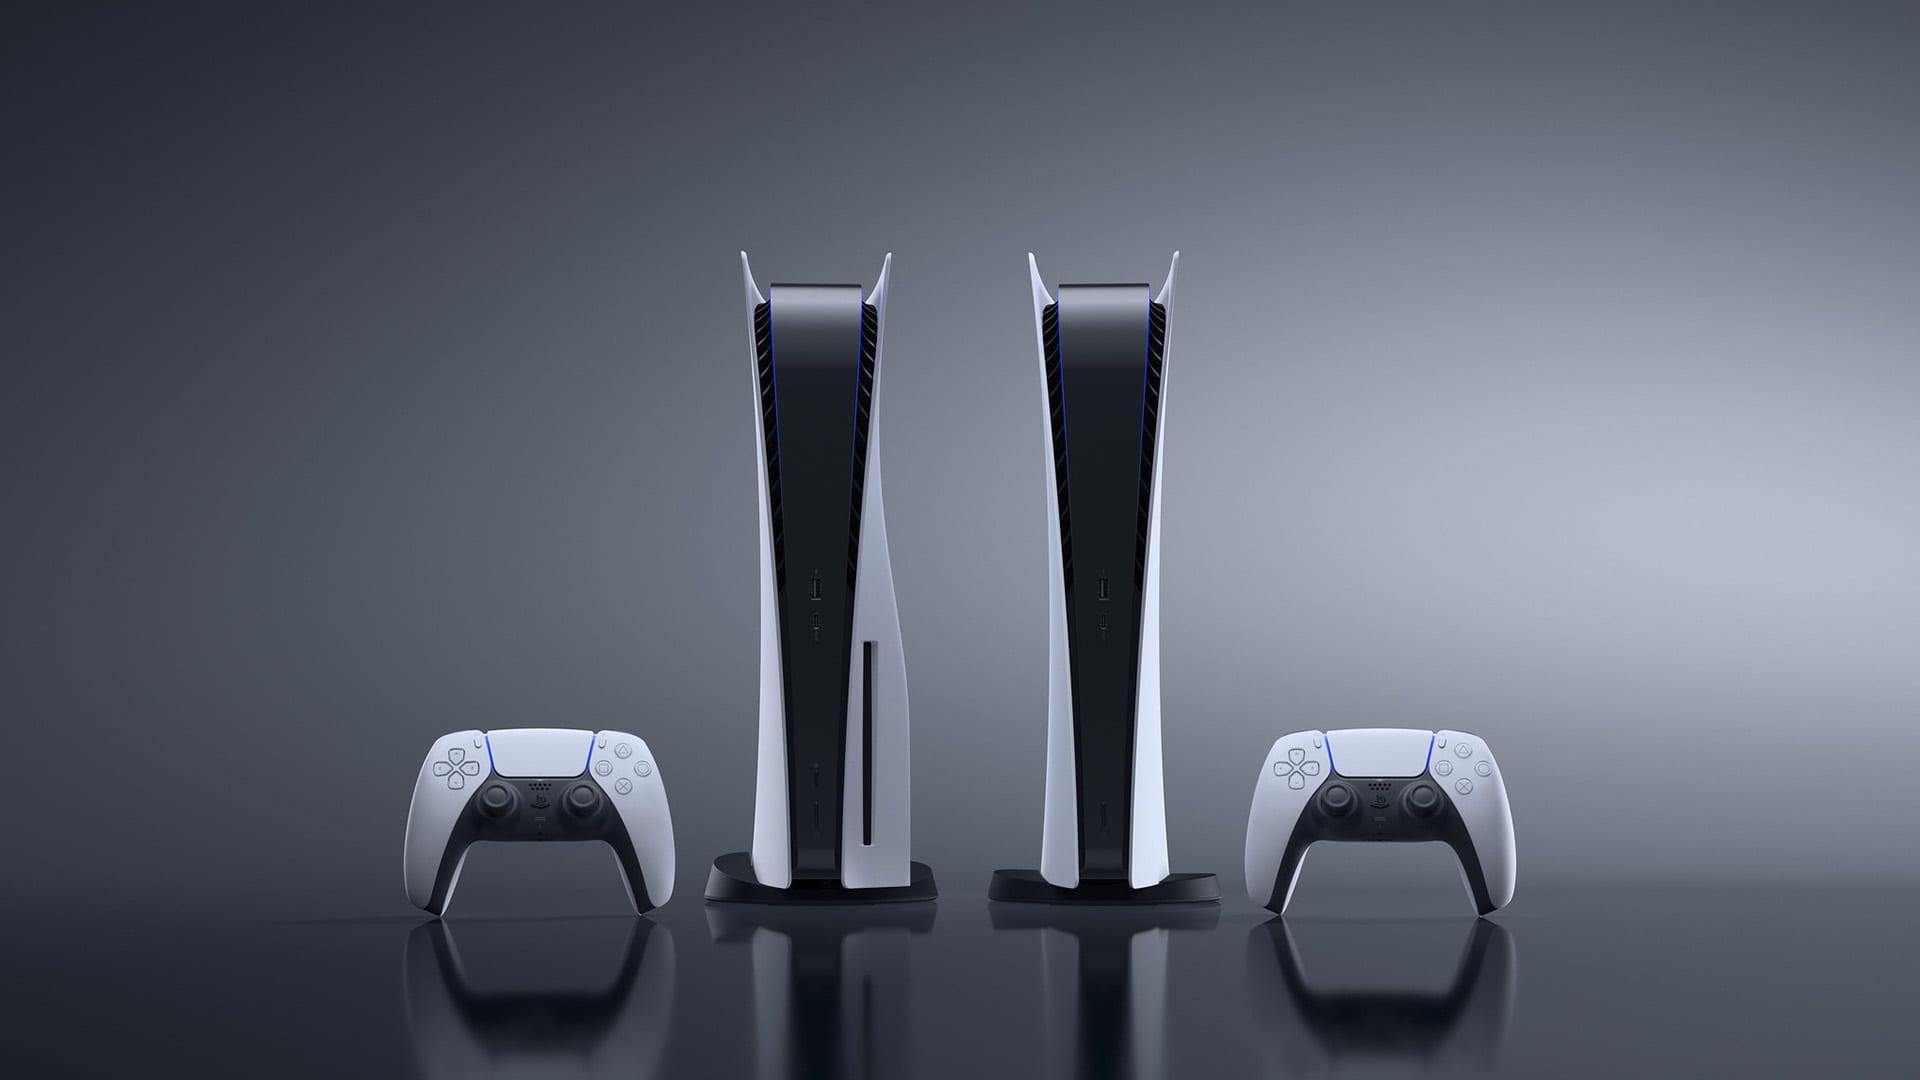 O PS5 é a melhor escolha no início da nona geração. (Foto: Divulgação/Sony)